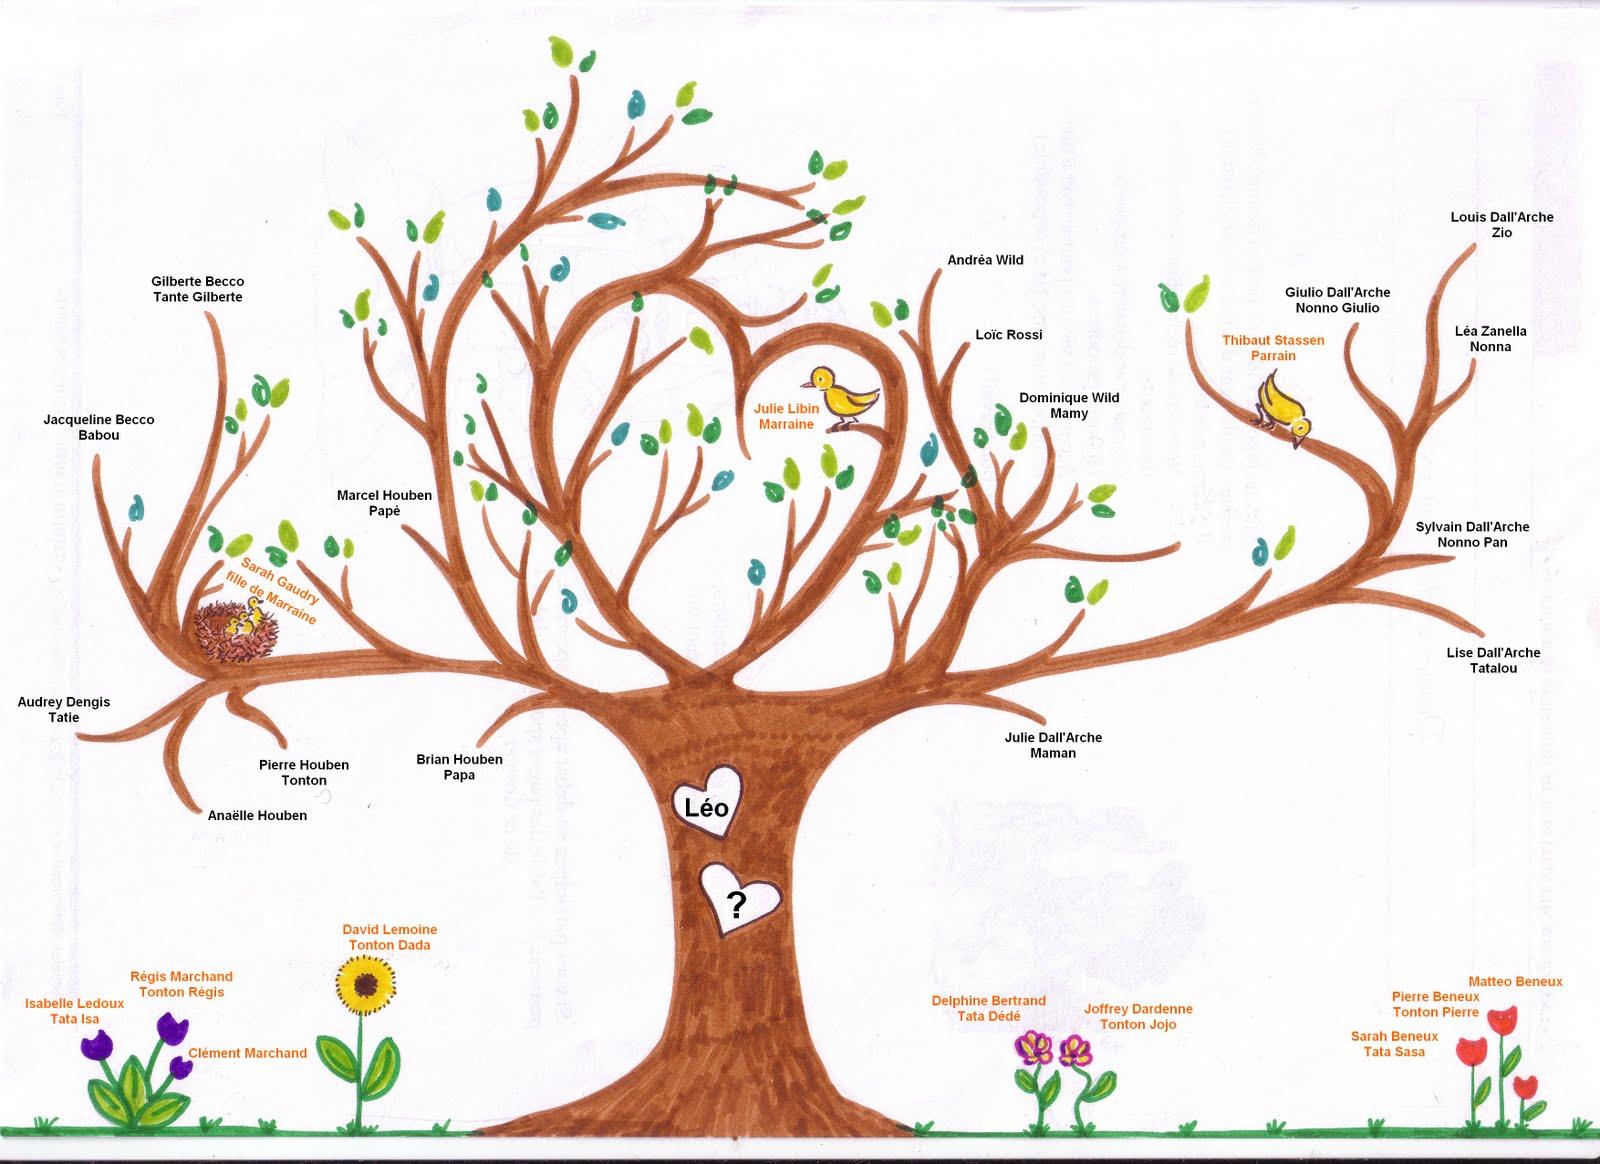 Comment faire son arbre g n alogique gratuit - Arbre genealogique dessin ...